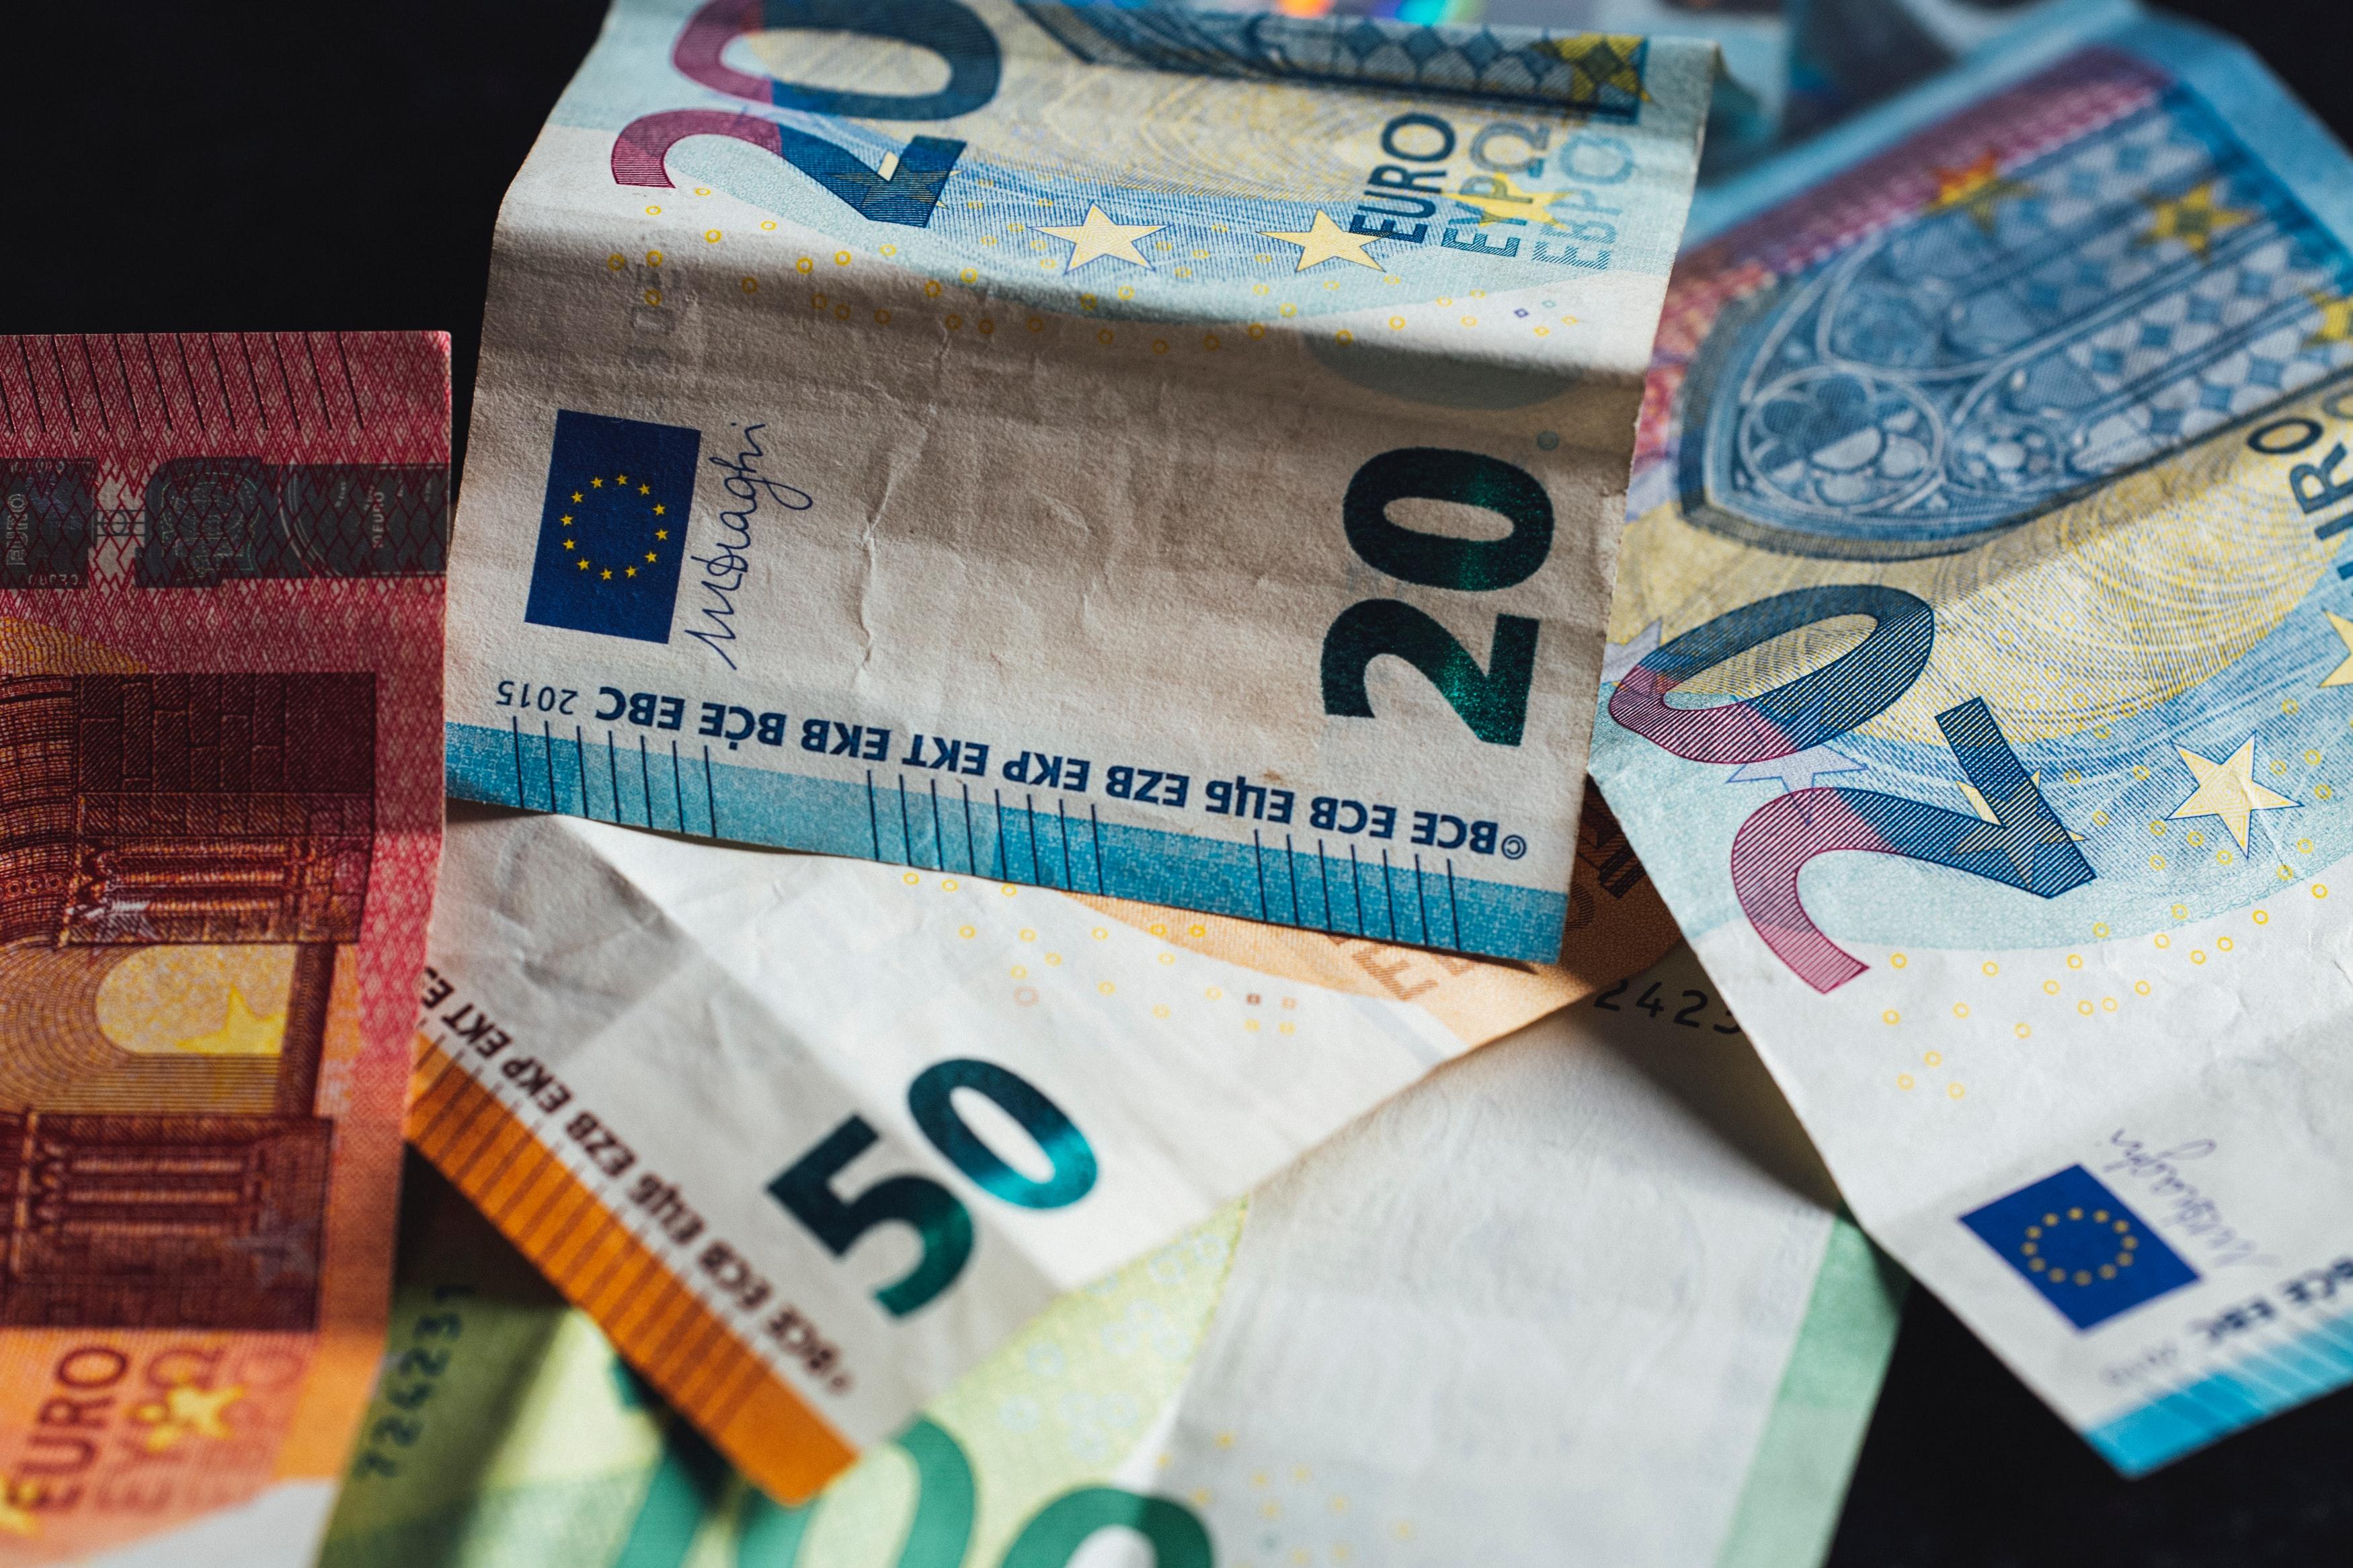 Terugvallende inkomsten kunnen leiden tot een afnemende cashflow. Maar ook in tijden van groei, waarbij het werkkapitaal toeneemt, komt cash centraal te staan. Bij banken is het steeds moeilijker om werkkapitaal te financieren dus alle reden om de regie te hebben over je cash. Wat kun je zelf doen om de cashflow van je organisatie te verbeteren? Met een nulmeting weet je snel waar je staat. En nog belangrijker: aan welke knoppen kun je draaien en wat kun je verbeteren. De HighQ CashFlow Scan biedt je de oplossing voor dit vraagstuk.